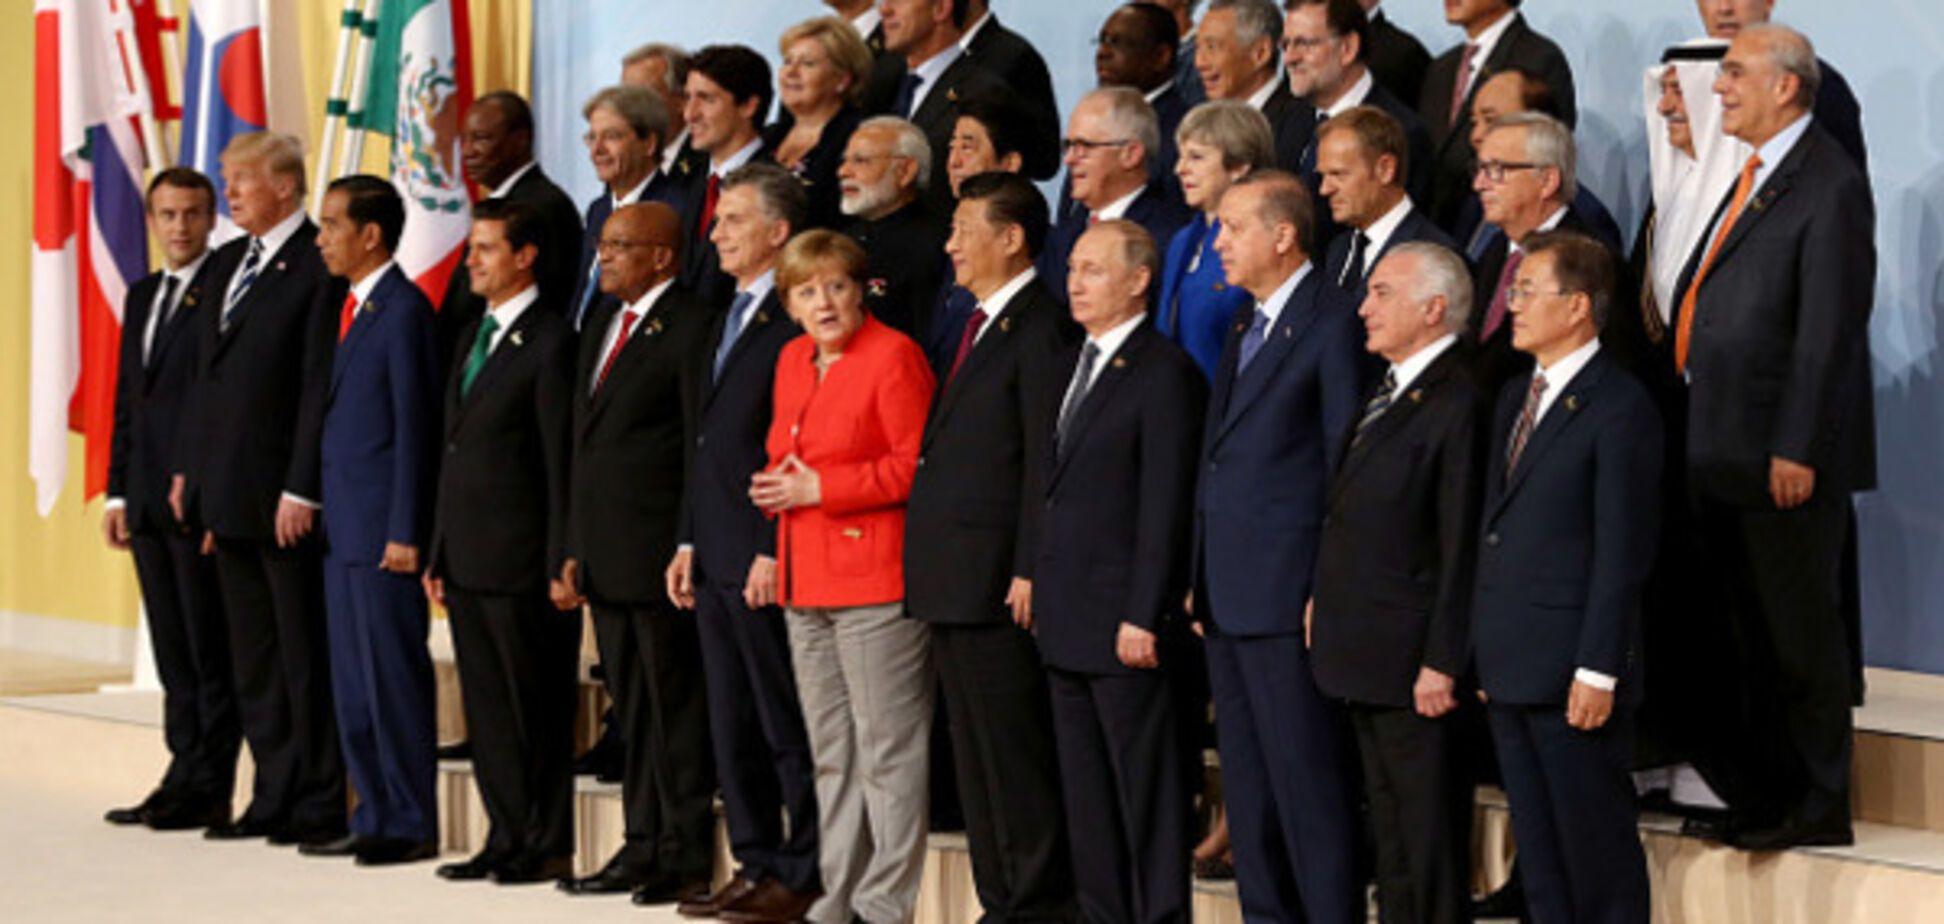 Саммит G20 в Германии